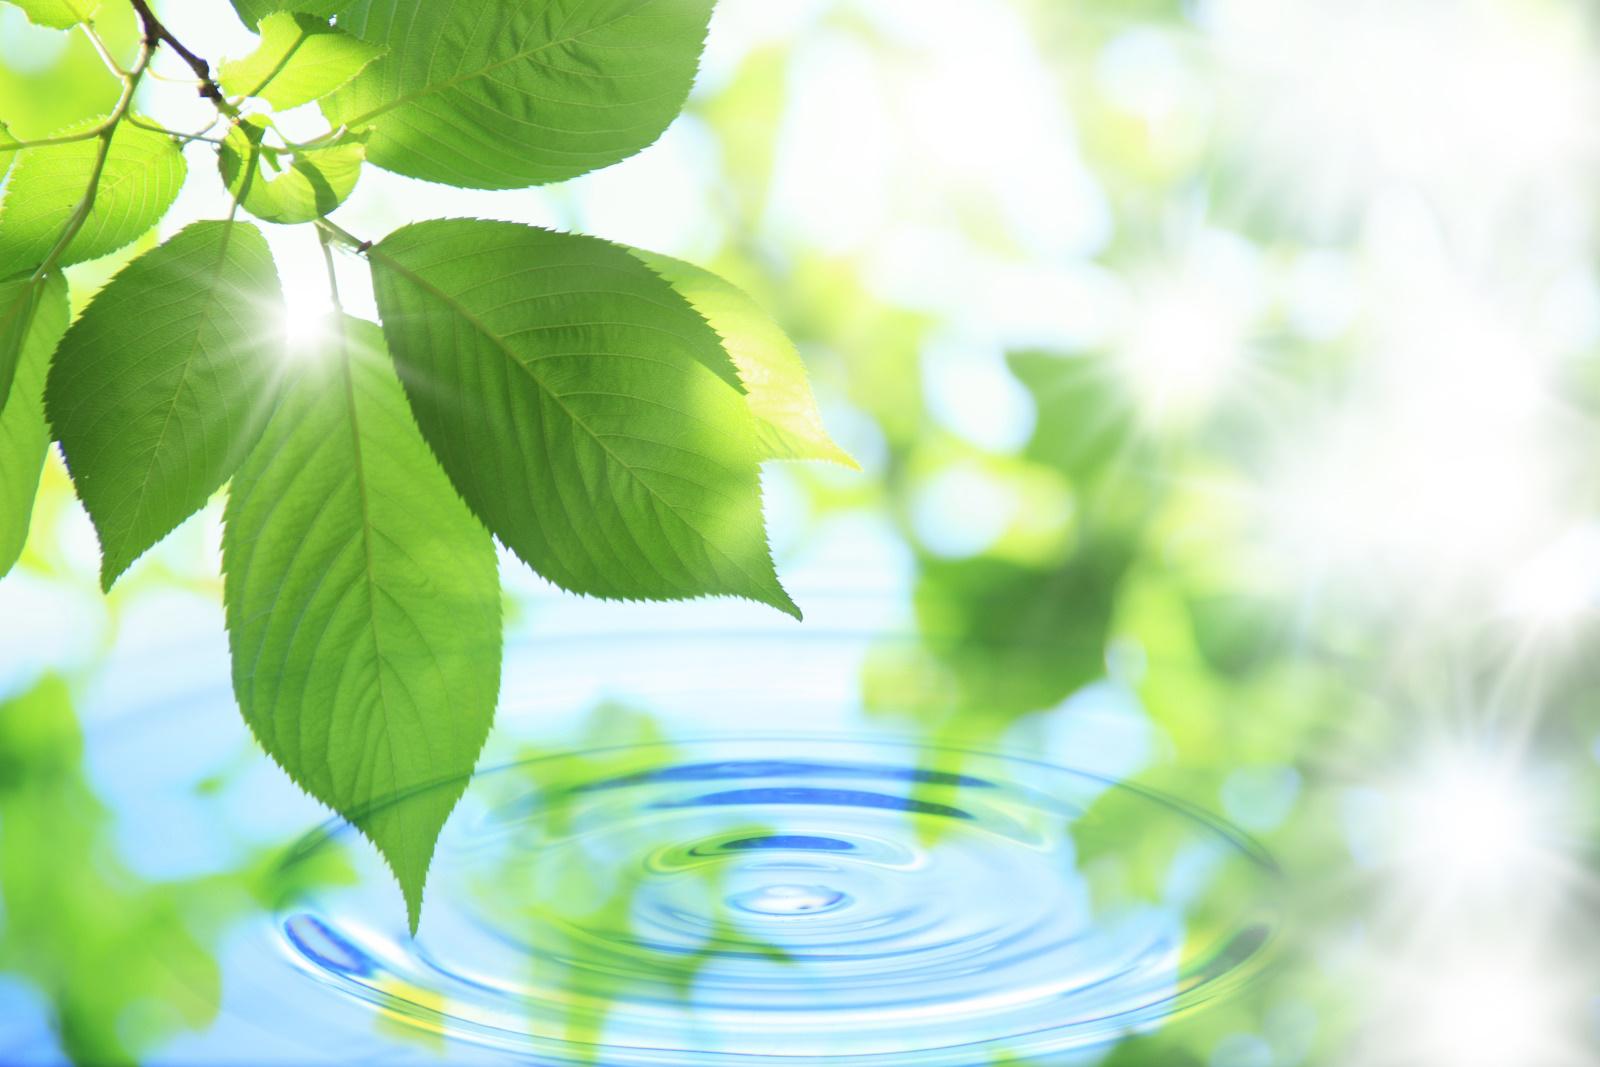 株式会社日本環境科学